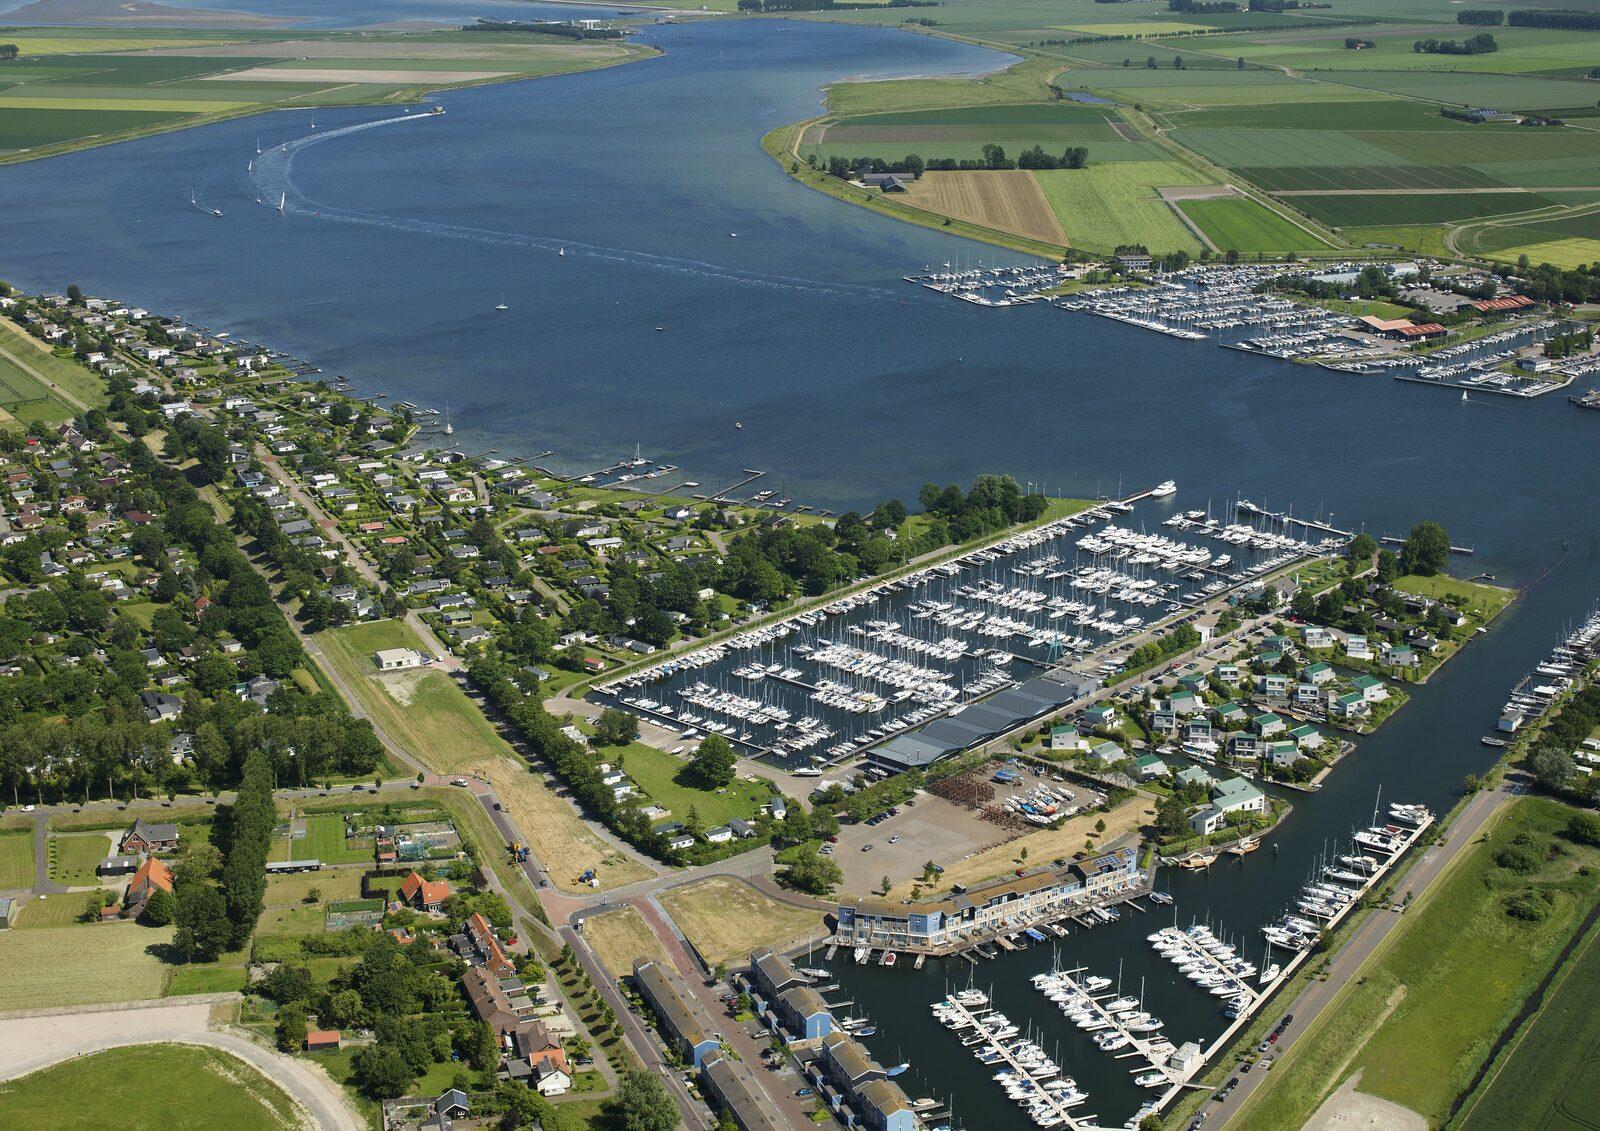 Holiday homes Aqua Village at Veerse Meer in Zeeland